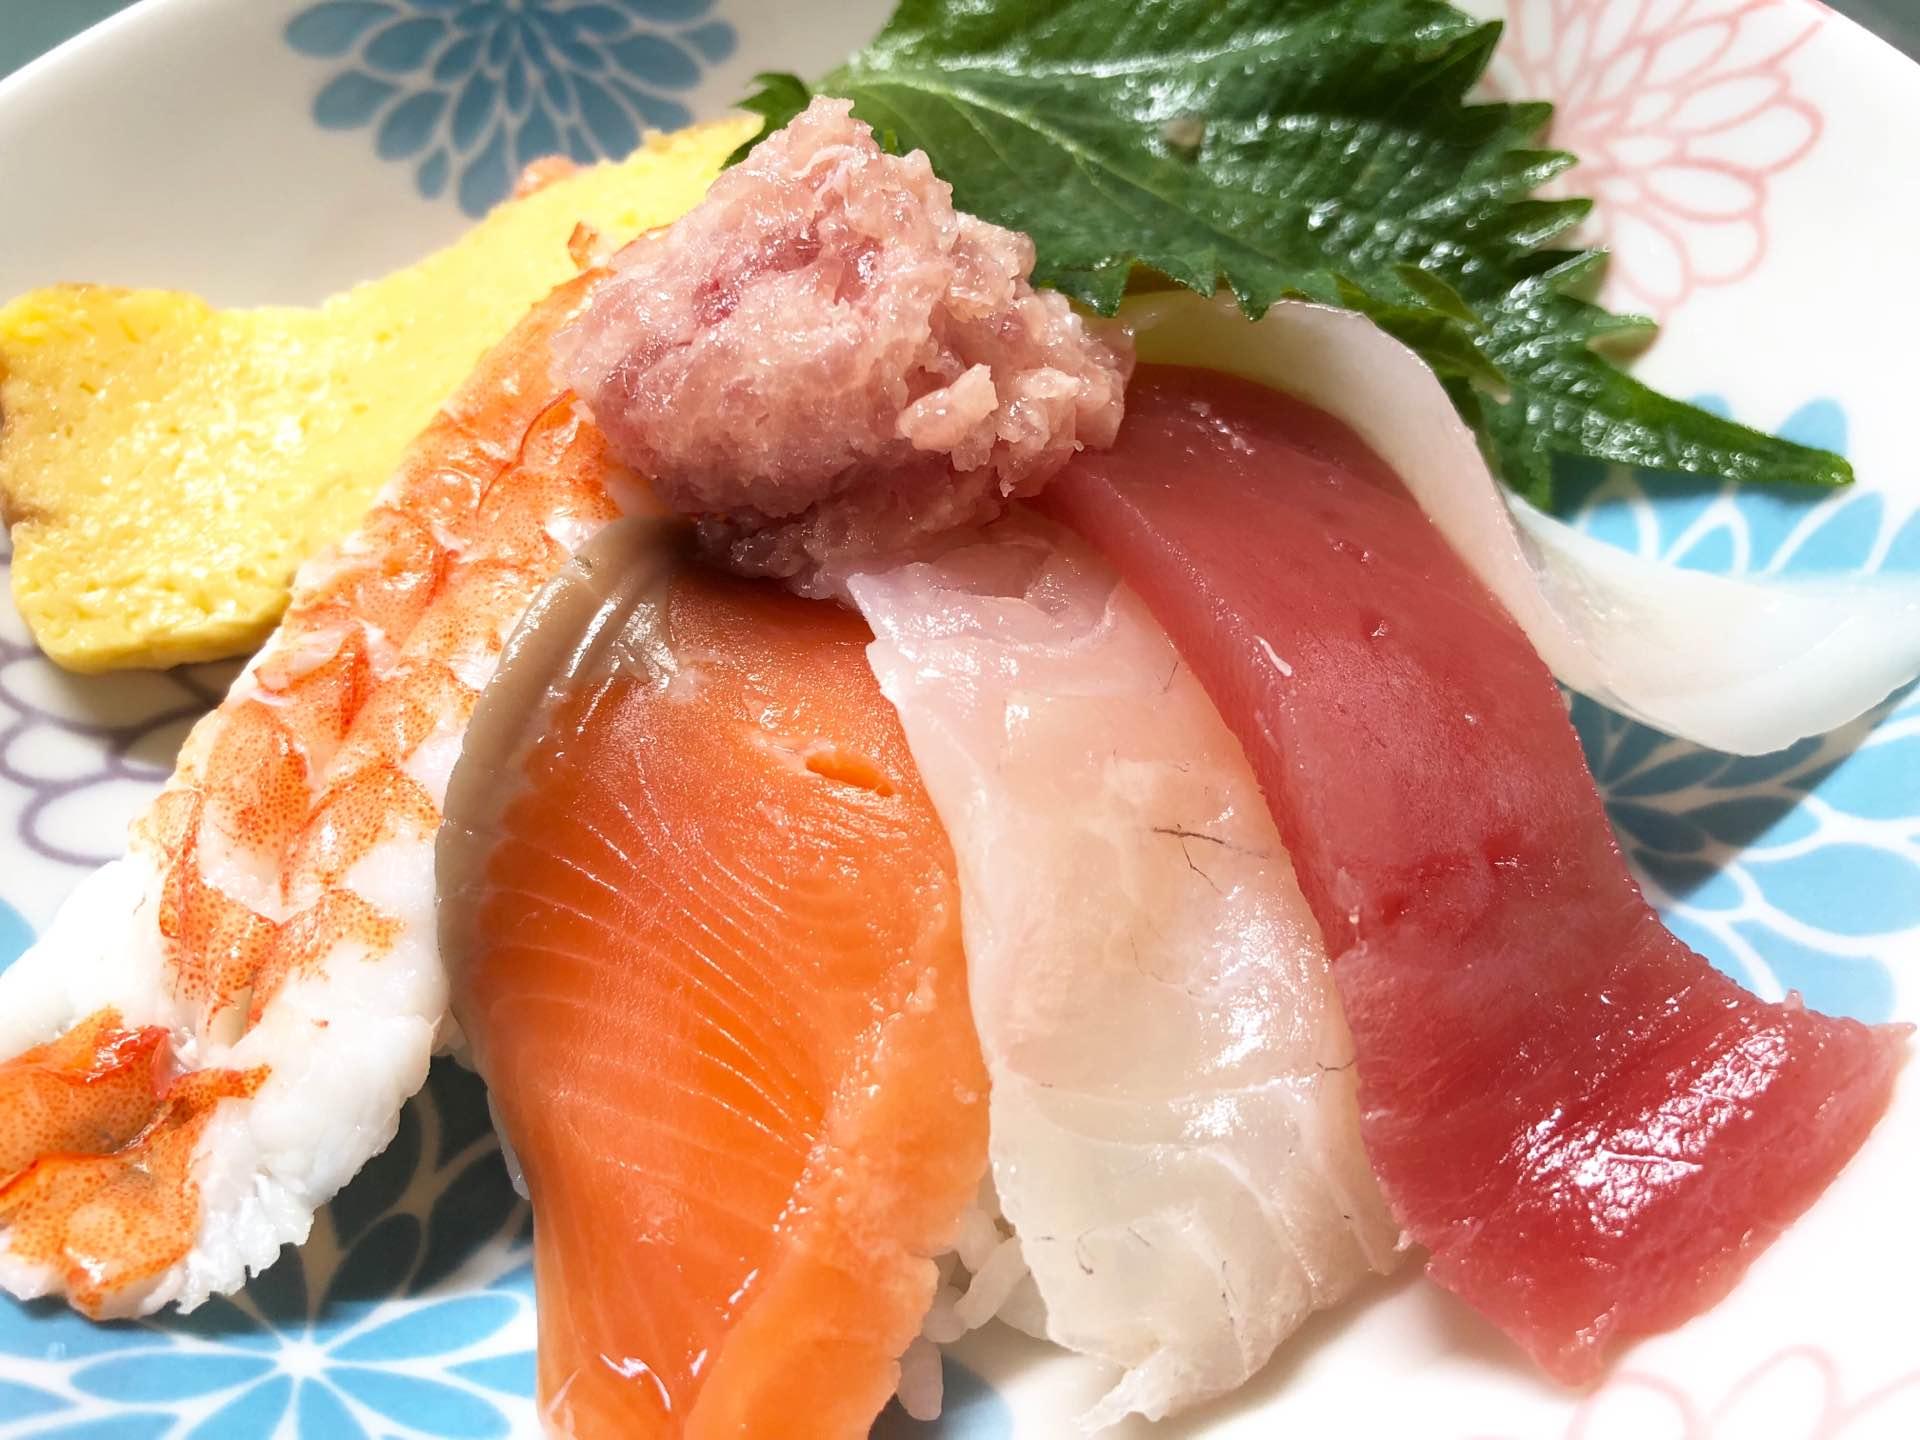 炊きたてのご飯に刺身を乗せて海鮮丼 (゚д゚)ウマー  海鮮丼のご飯は、冷たい酢飯派が多い気がするけど、自分は温かいご飯派。 https://t.co/ZVKWbVvLv6